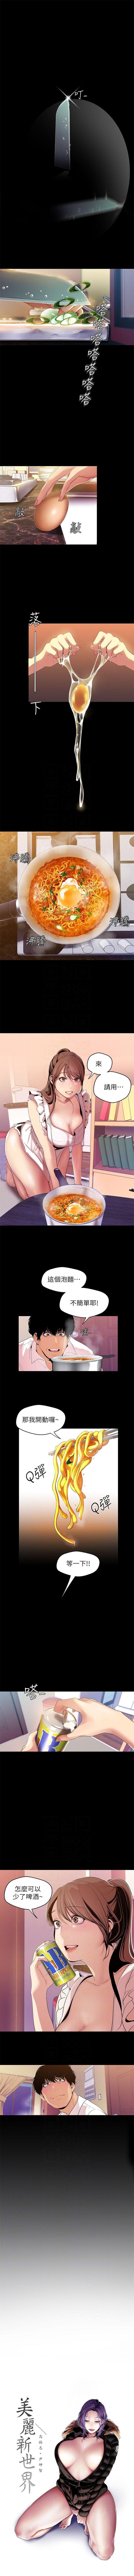 美麗新世界 1-85 官方中文(連載中) 369